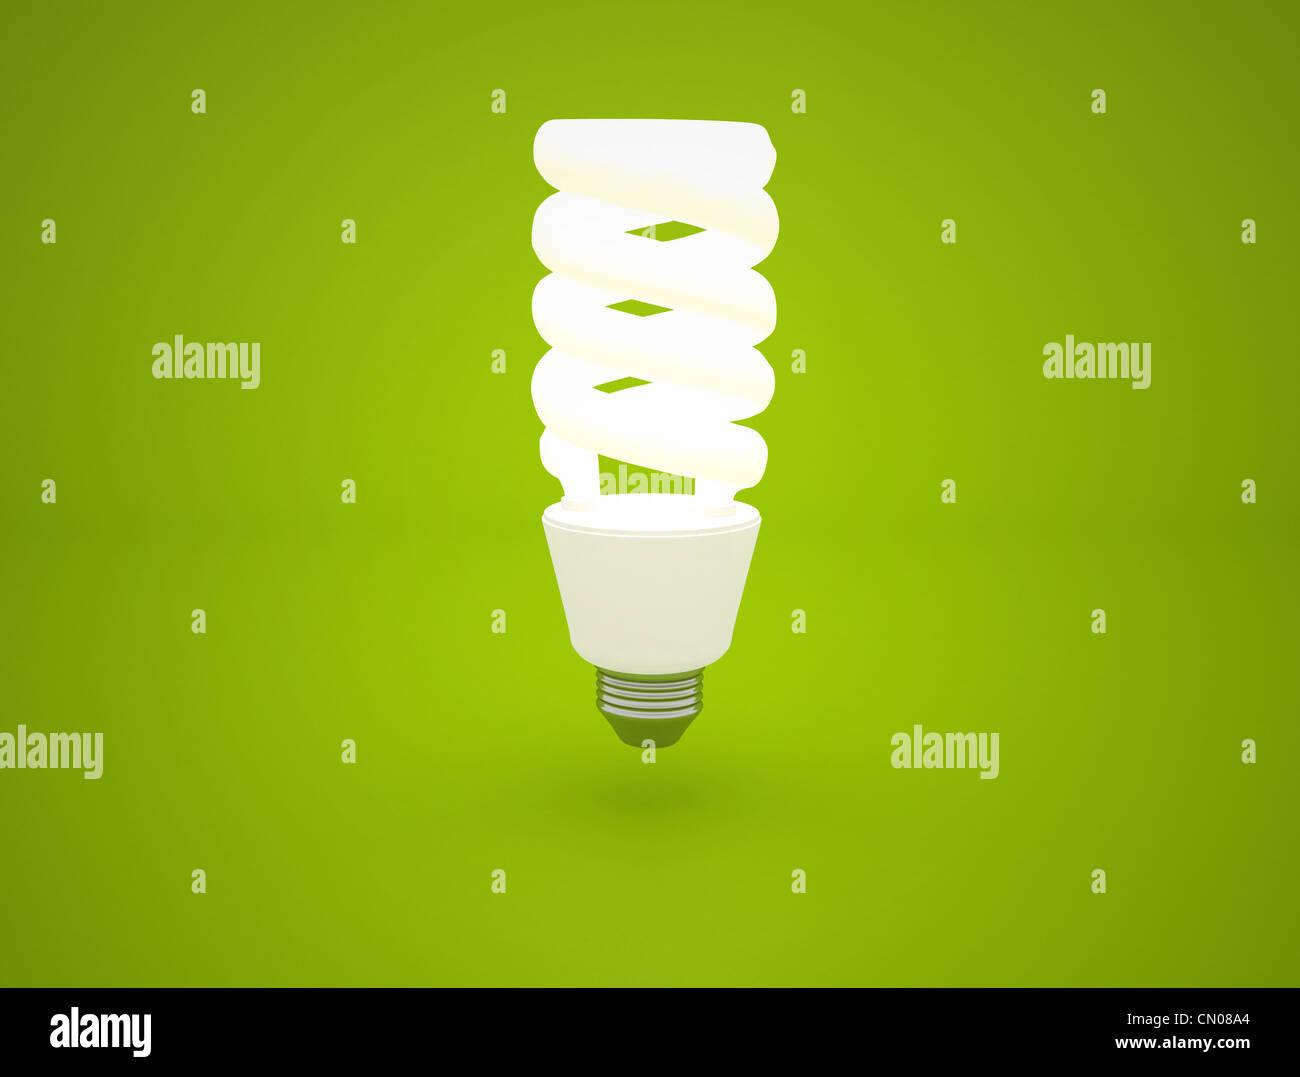 leuchtende Glühbirne Idee auf grünem Hintergrund Stockbild